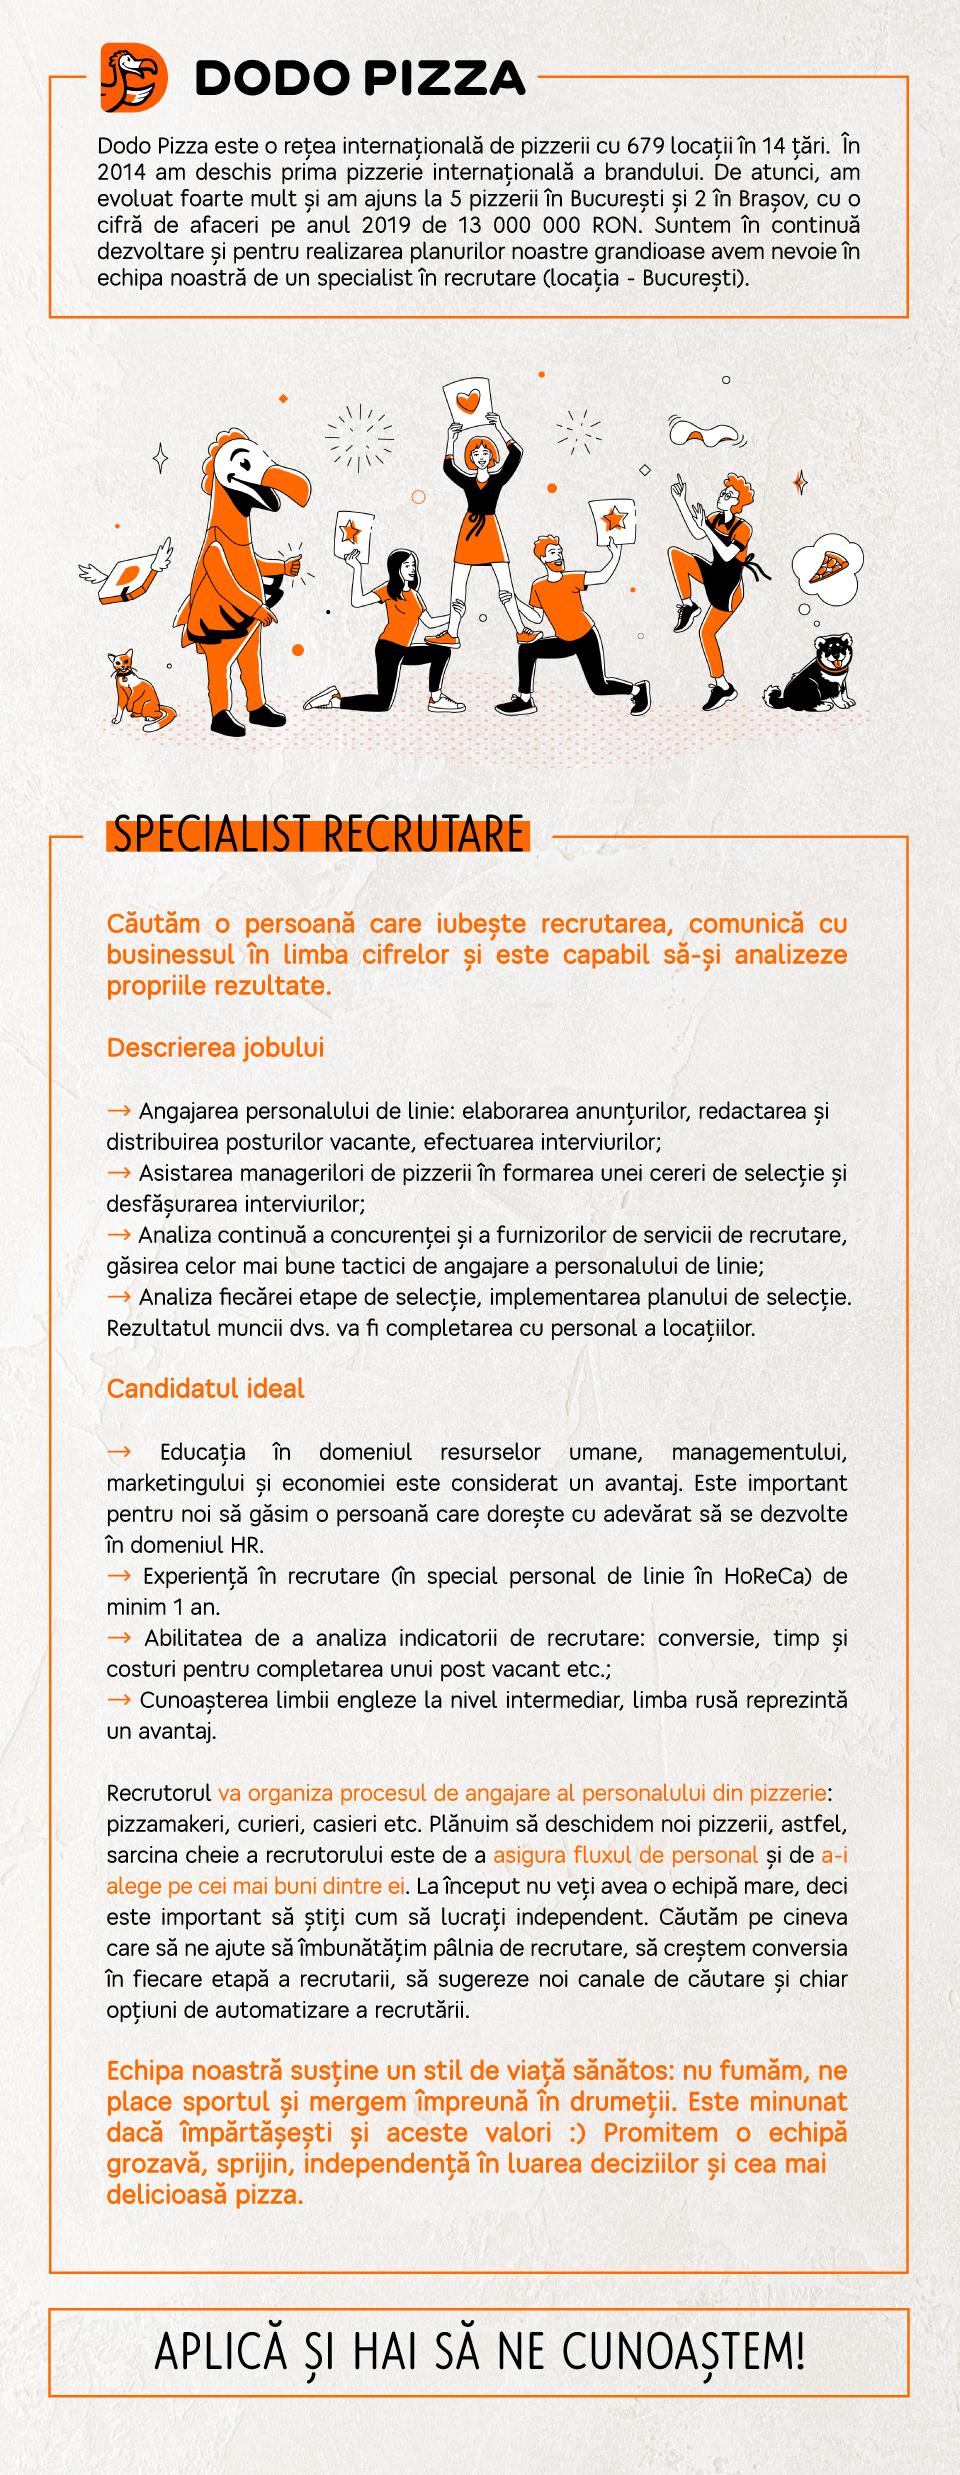 Specialist Recrutare